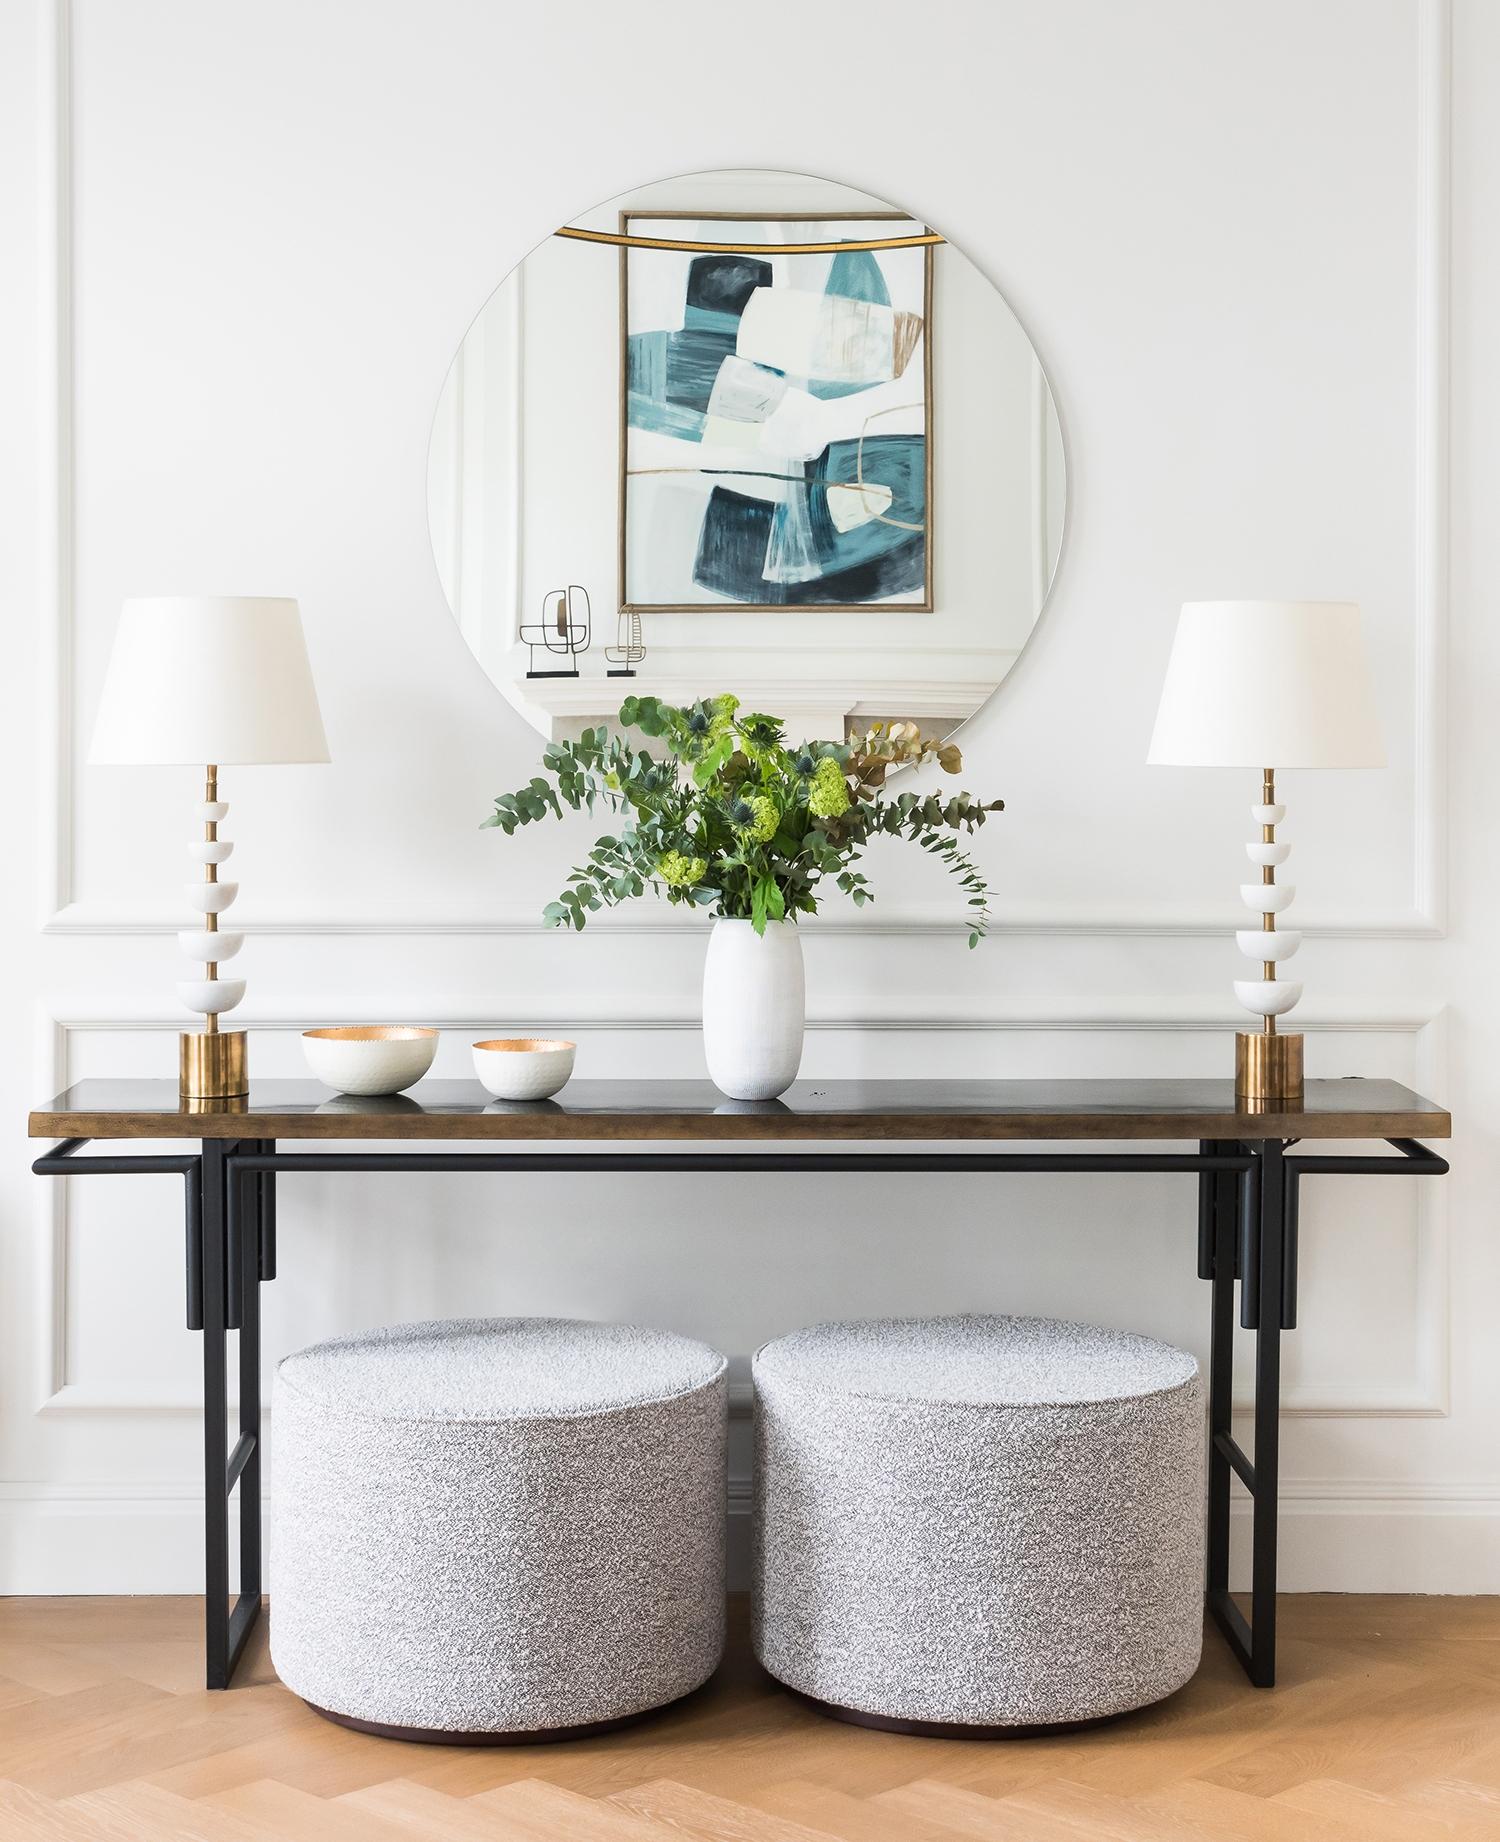 Knight_Frank_Interior_Services_Cadogan_Place_03_Living_Room.jpg